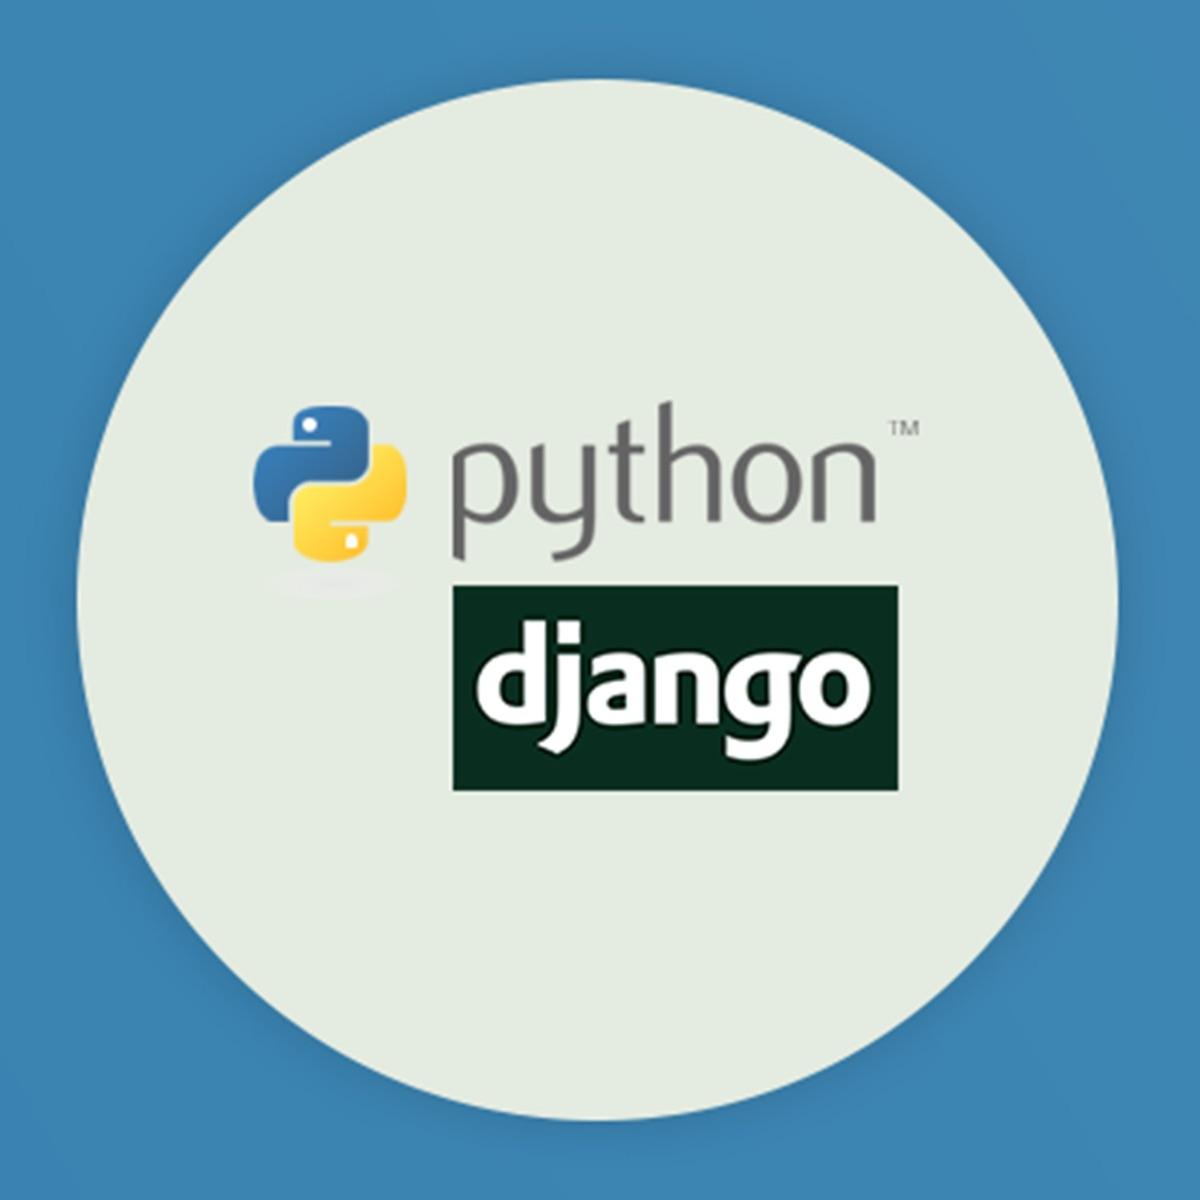 [DWF01A-ID] Pengenalan Django - Part 1